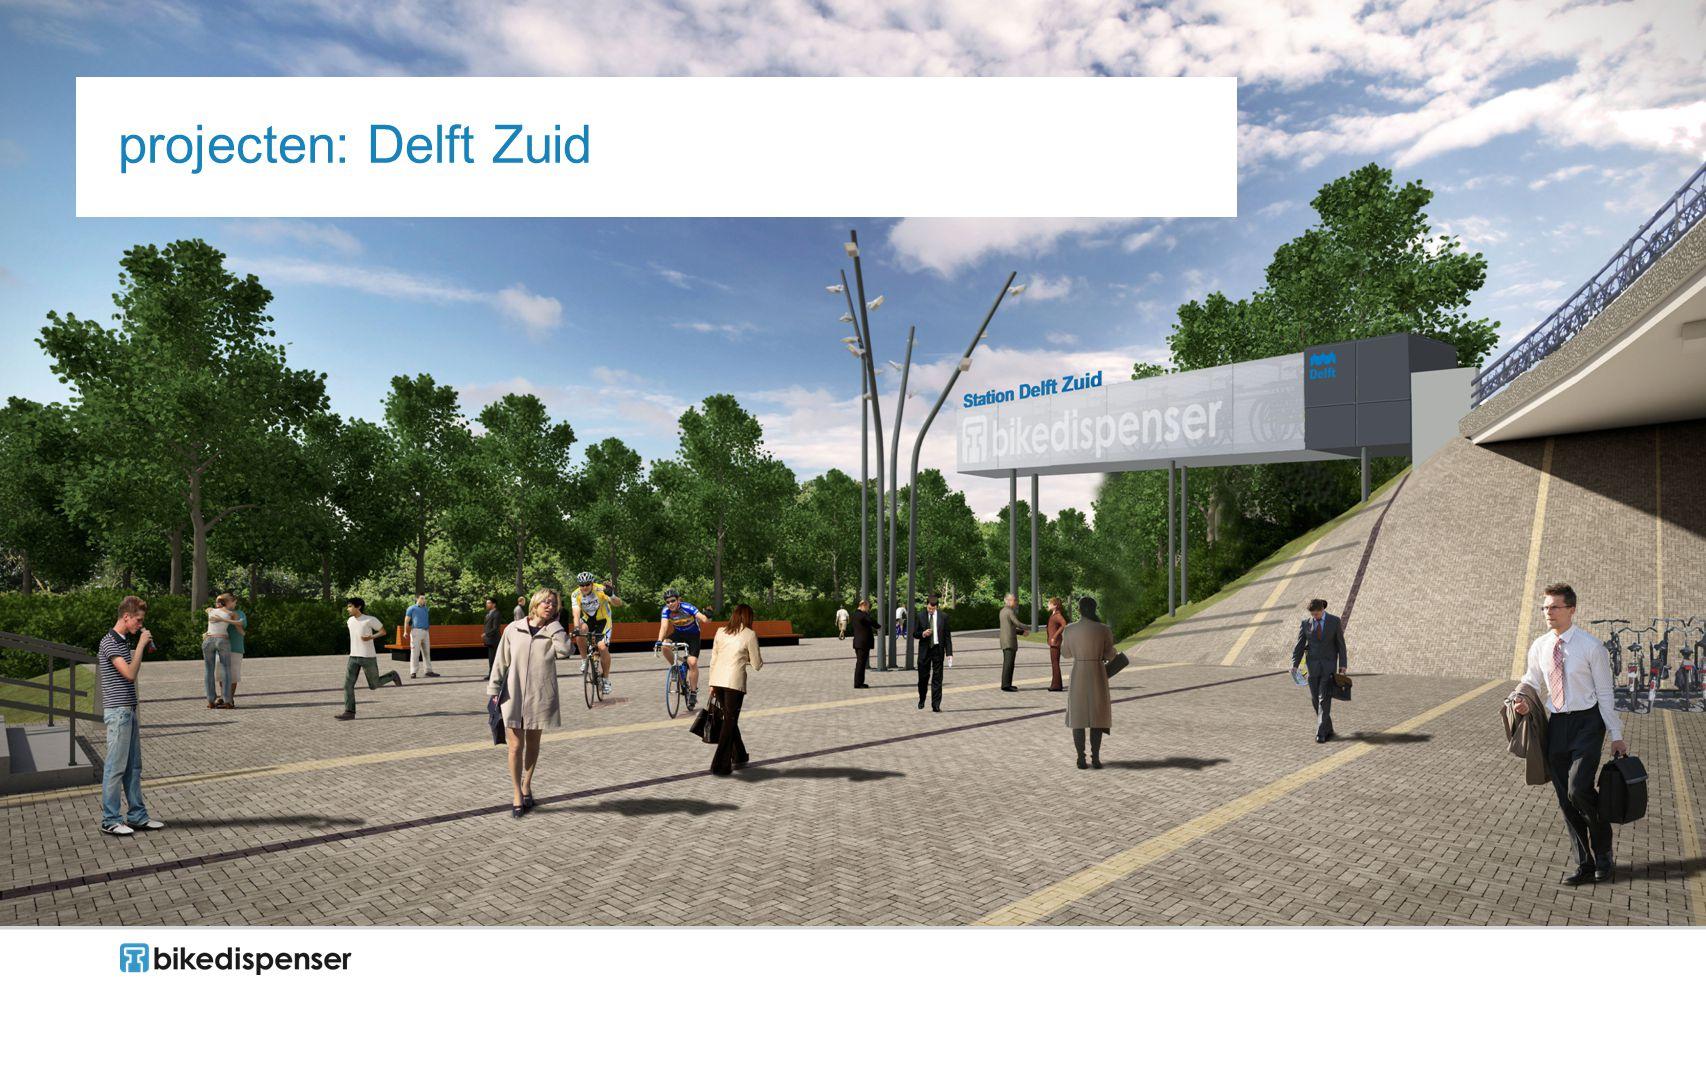 projecten: Delft Zuid